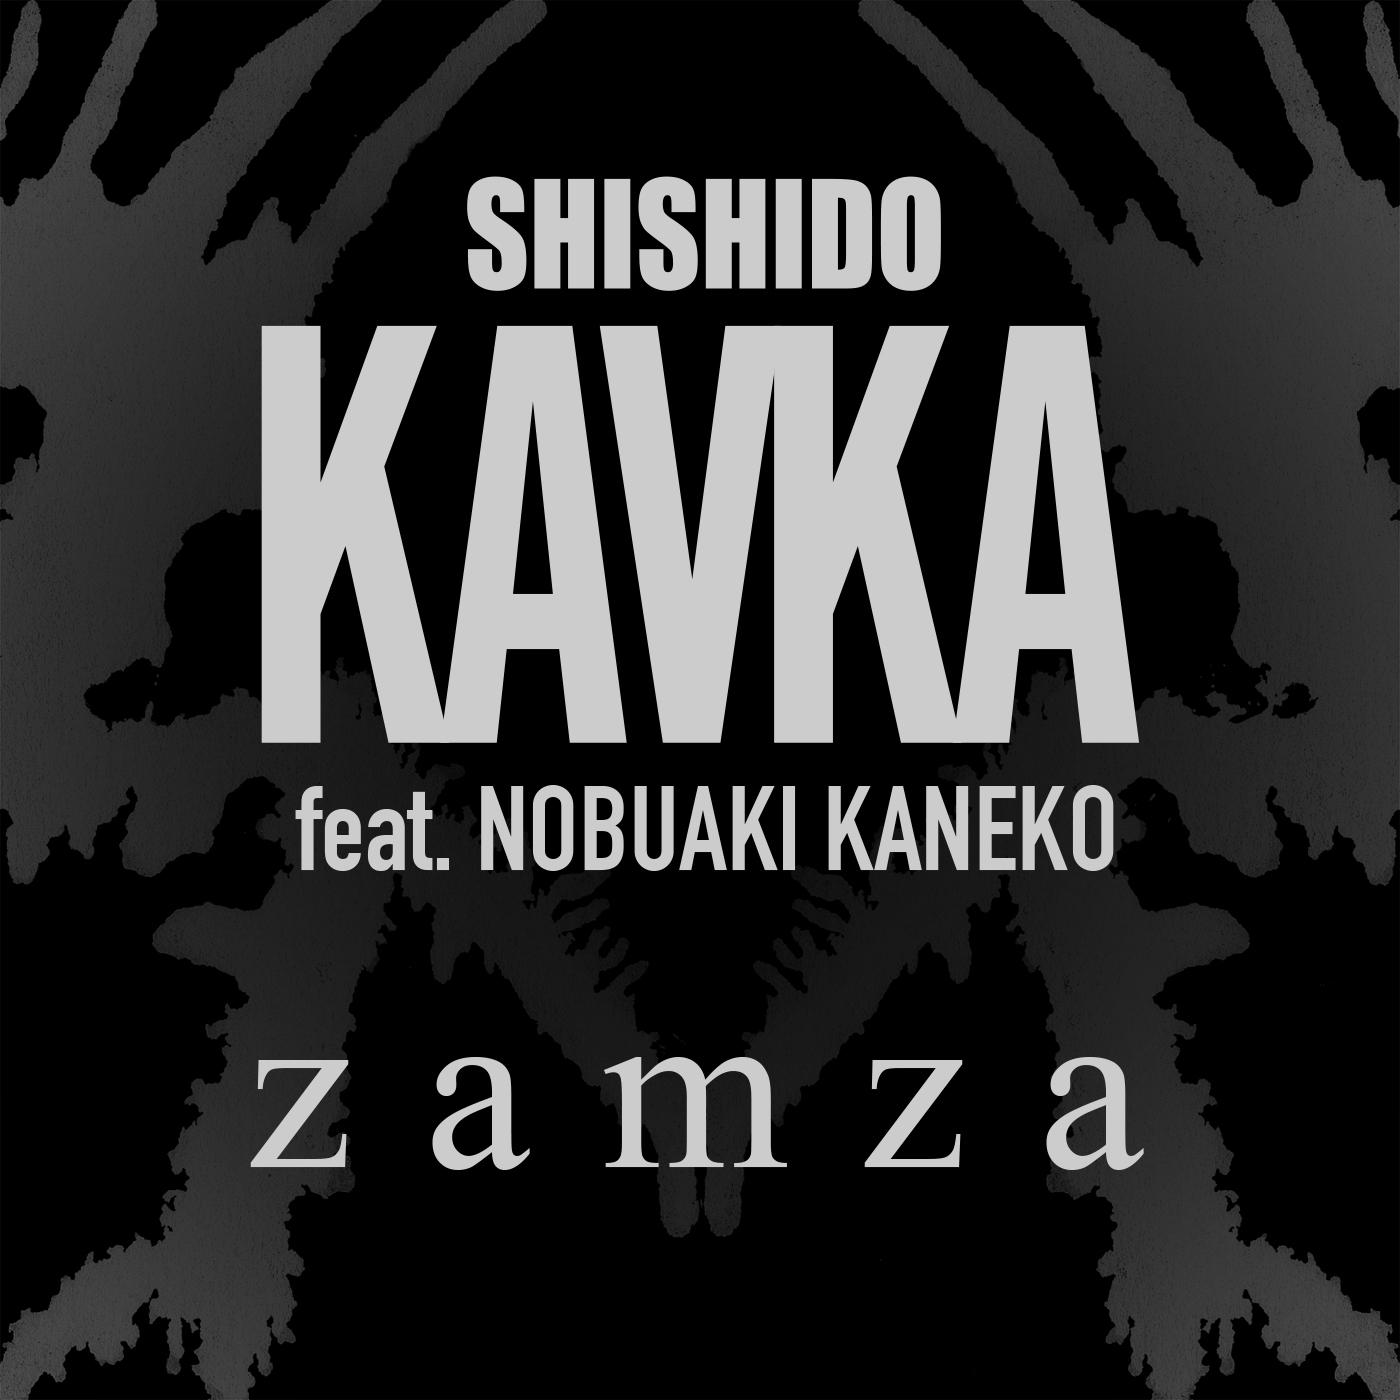 シシド・カフカ feat.金子ノブアキ「zamza」